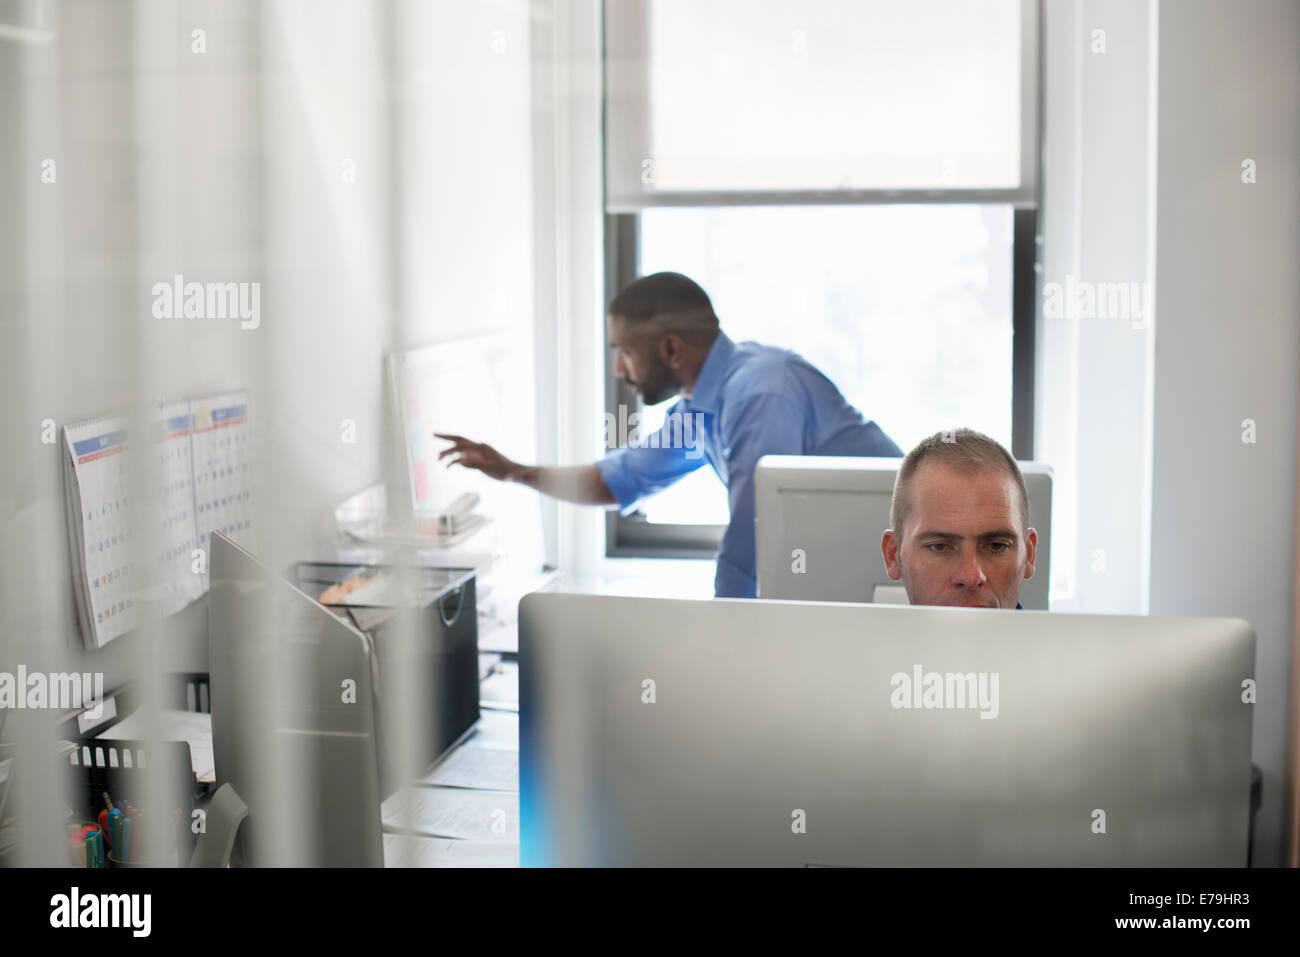 Un homme assis à un ordinateur, et l'un travaillant sur un tableau mural planner. Photo Stock